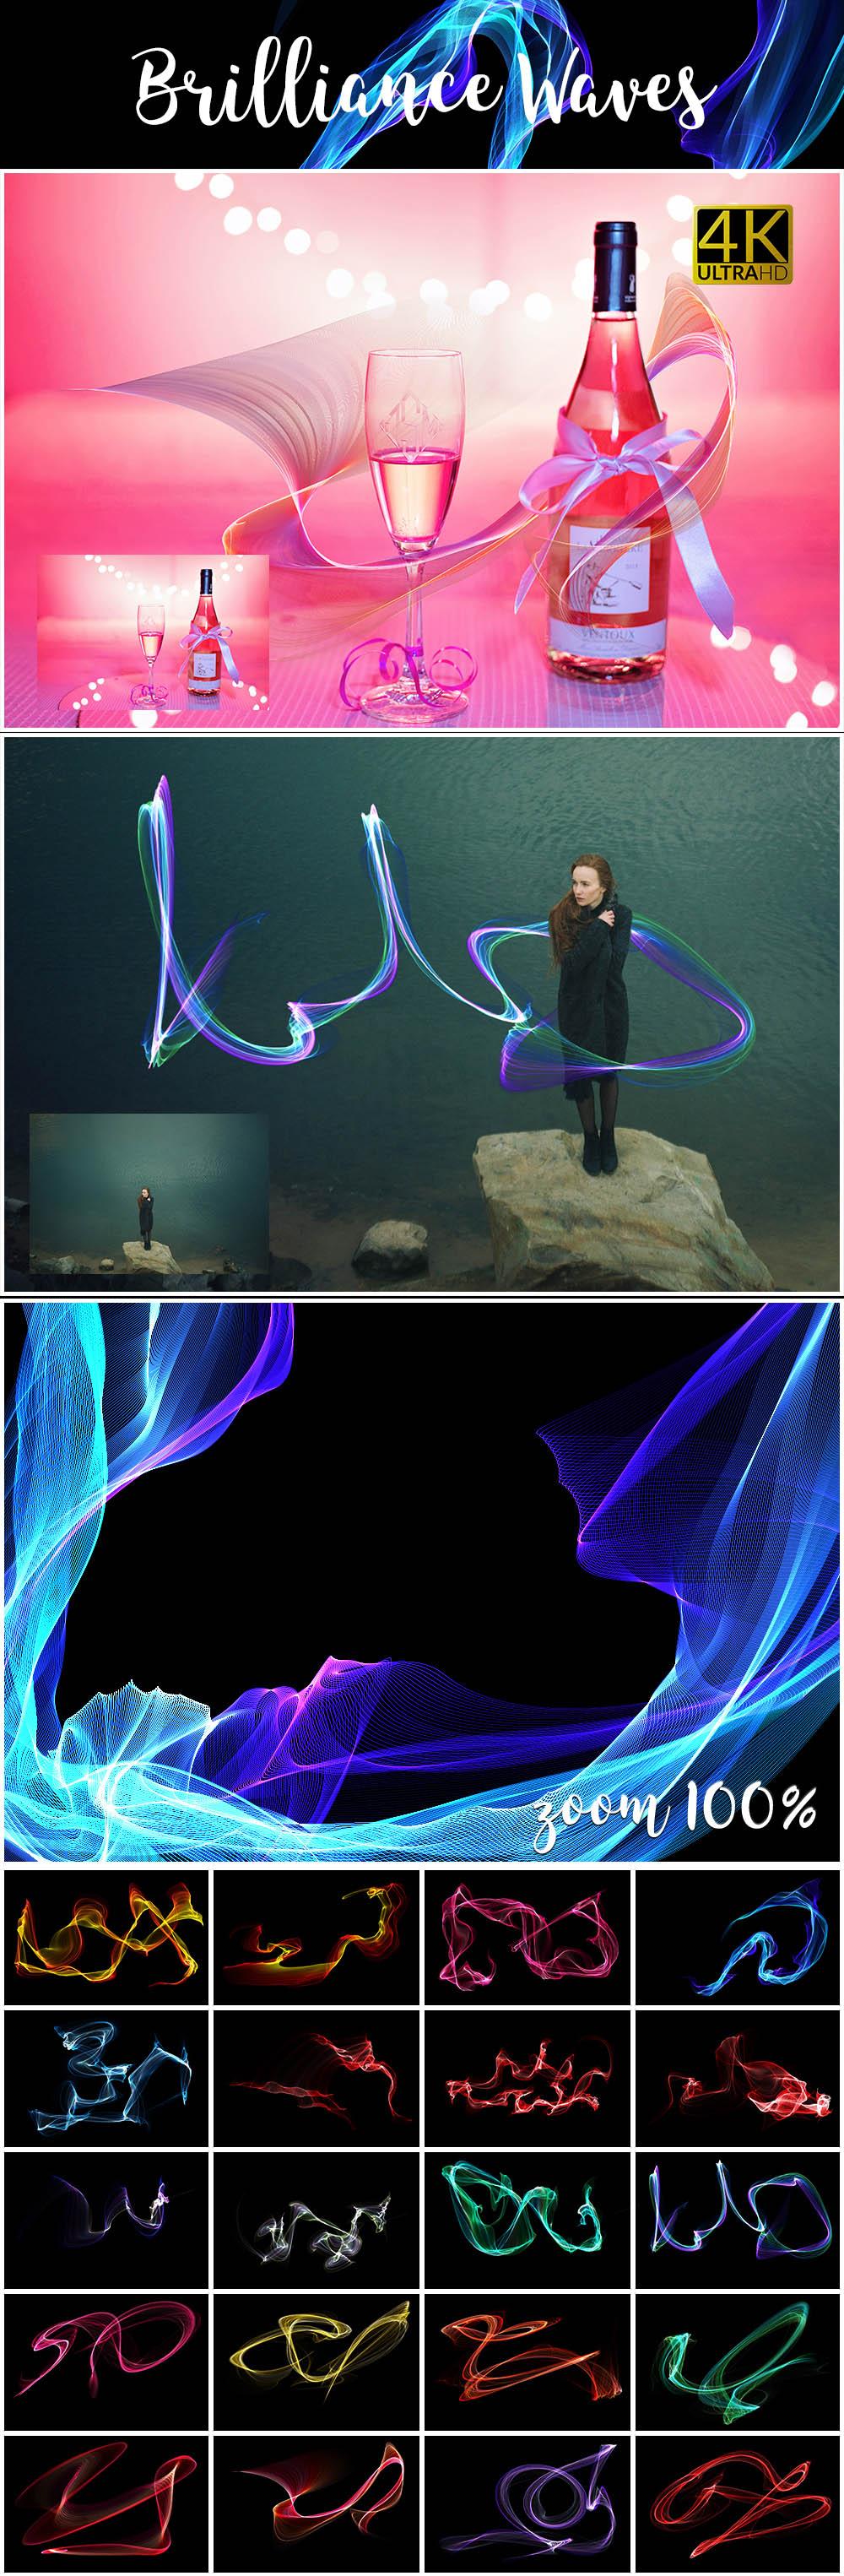 2 - Brilliance Waves